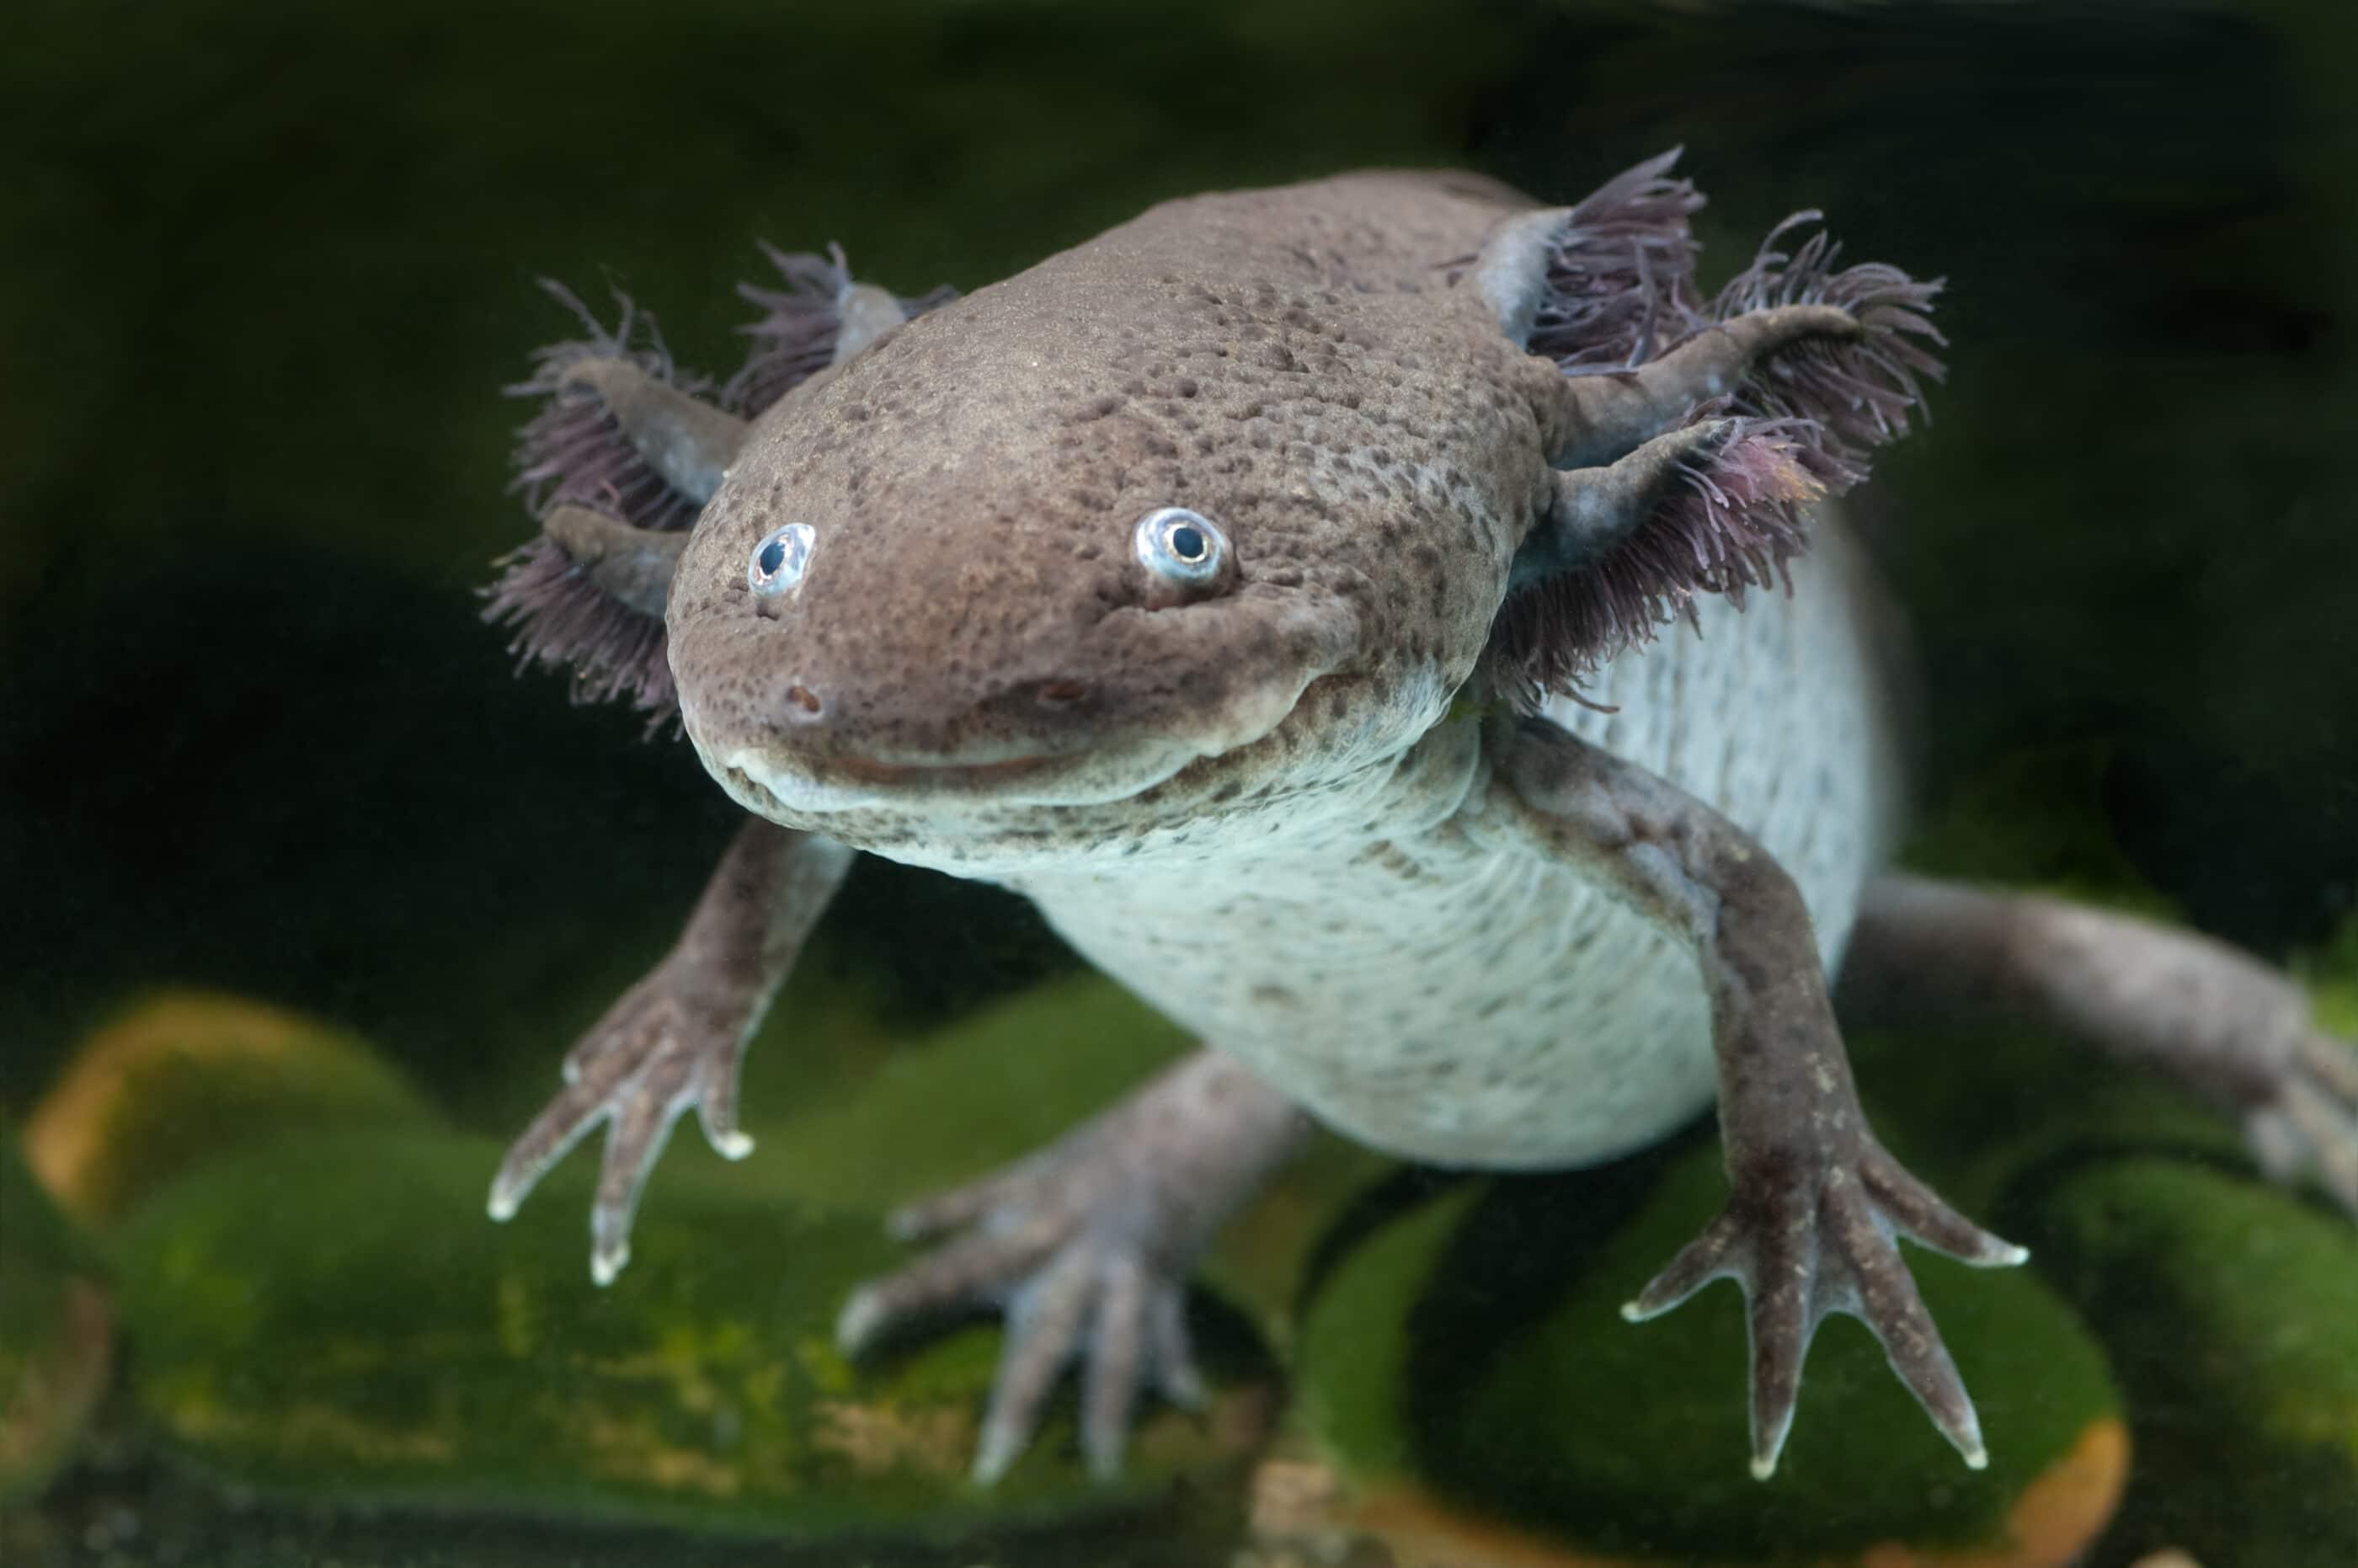 An axolotl swims in an aquarium.